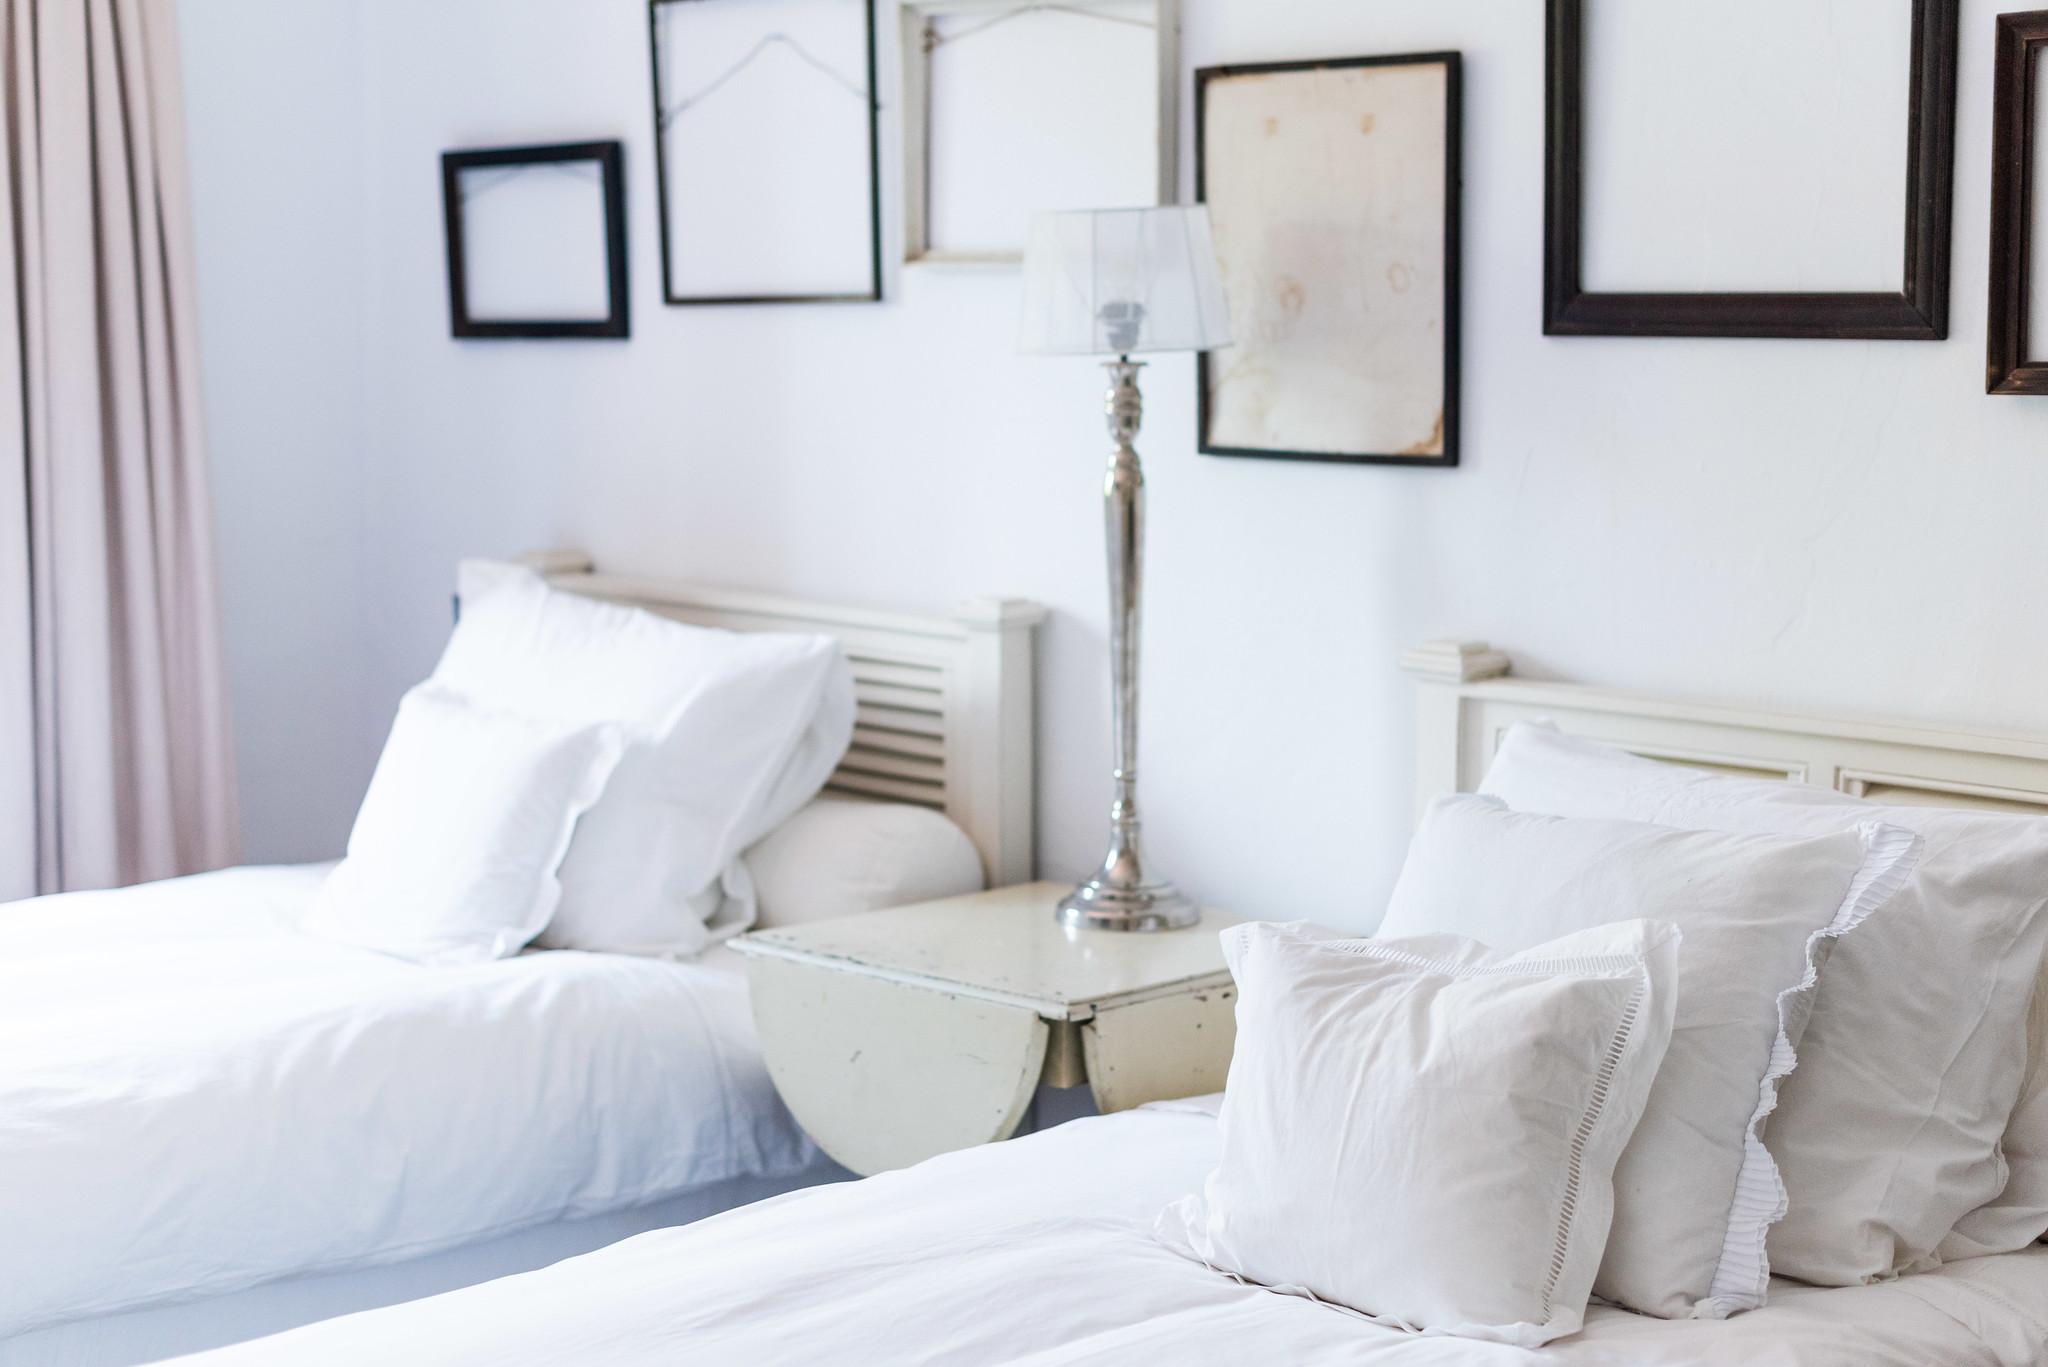 https://www.white-ibiza.com/wp-content/uploads/2020/05/white-ibiza-villas-can-riviere-interior-bedroom3.jpg